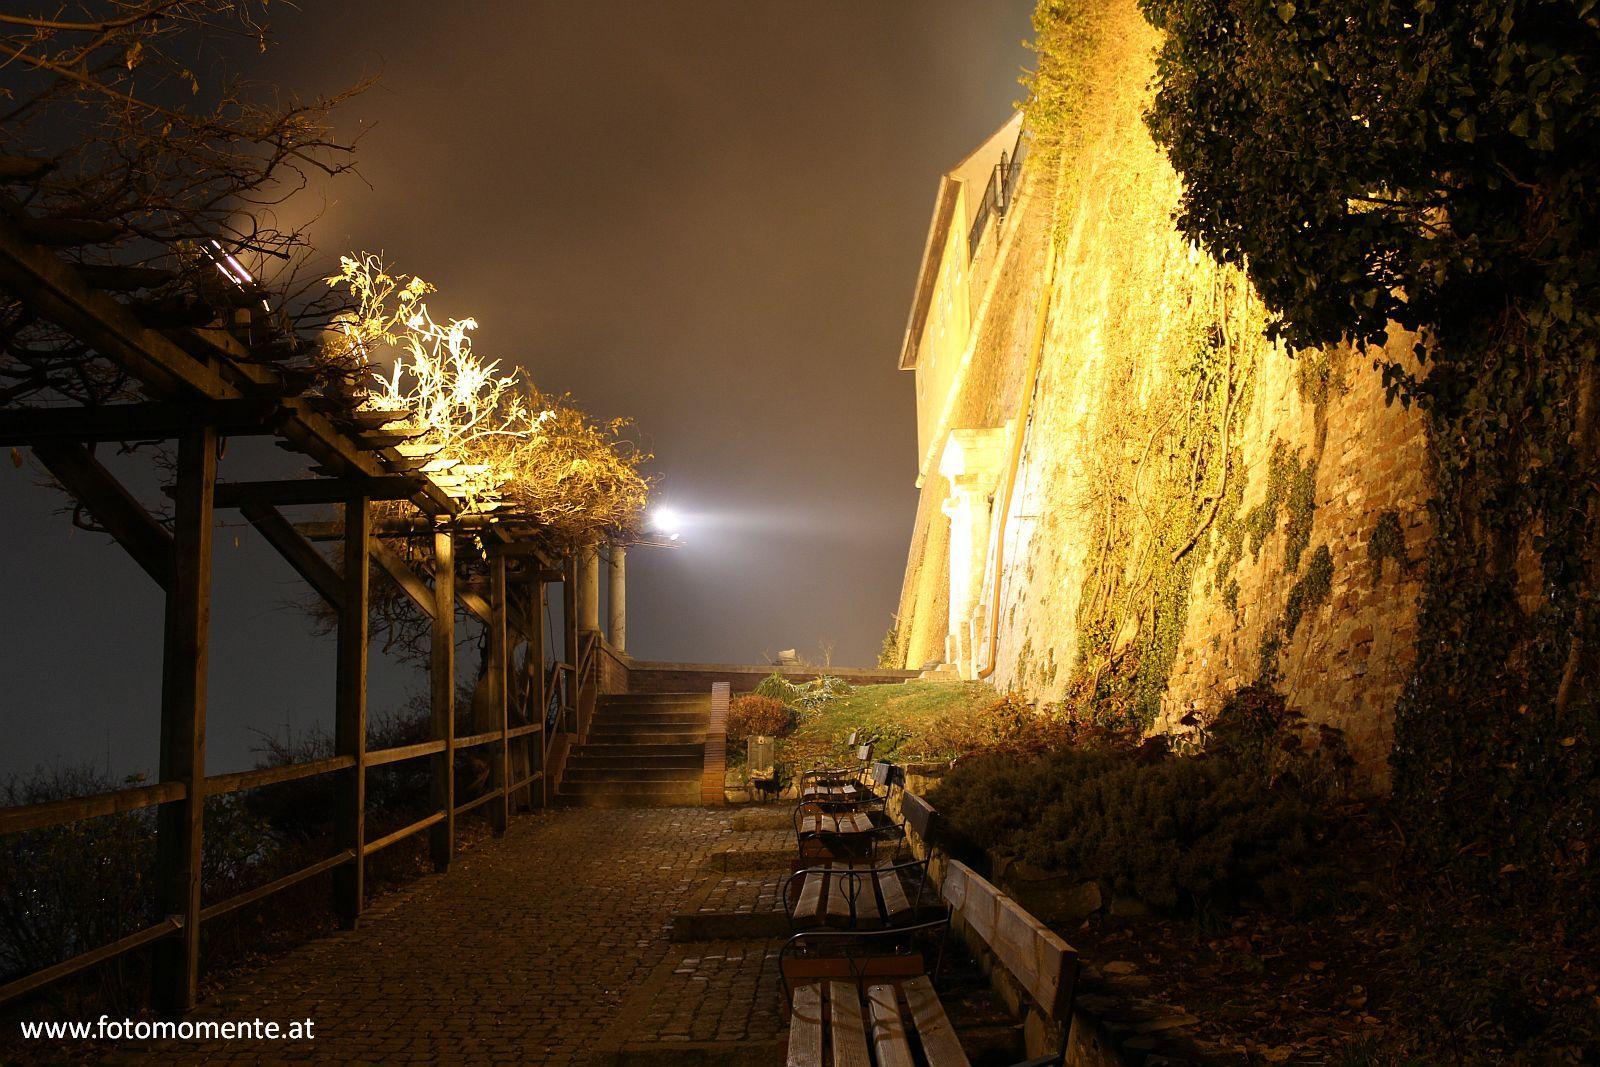 anlagen unterhalb bastie kanonenhütte garnisionsmuseum - Anlagen unterhalb der Bastie (Grazer Schloßberg) bei Nacht